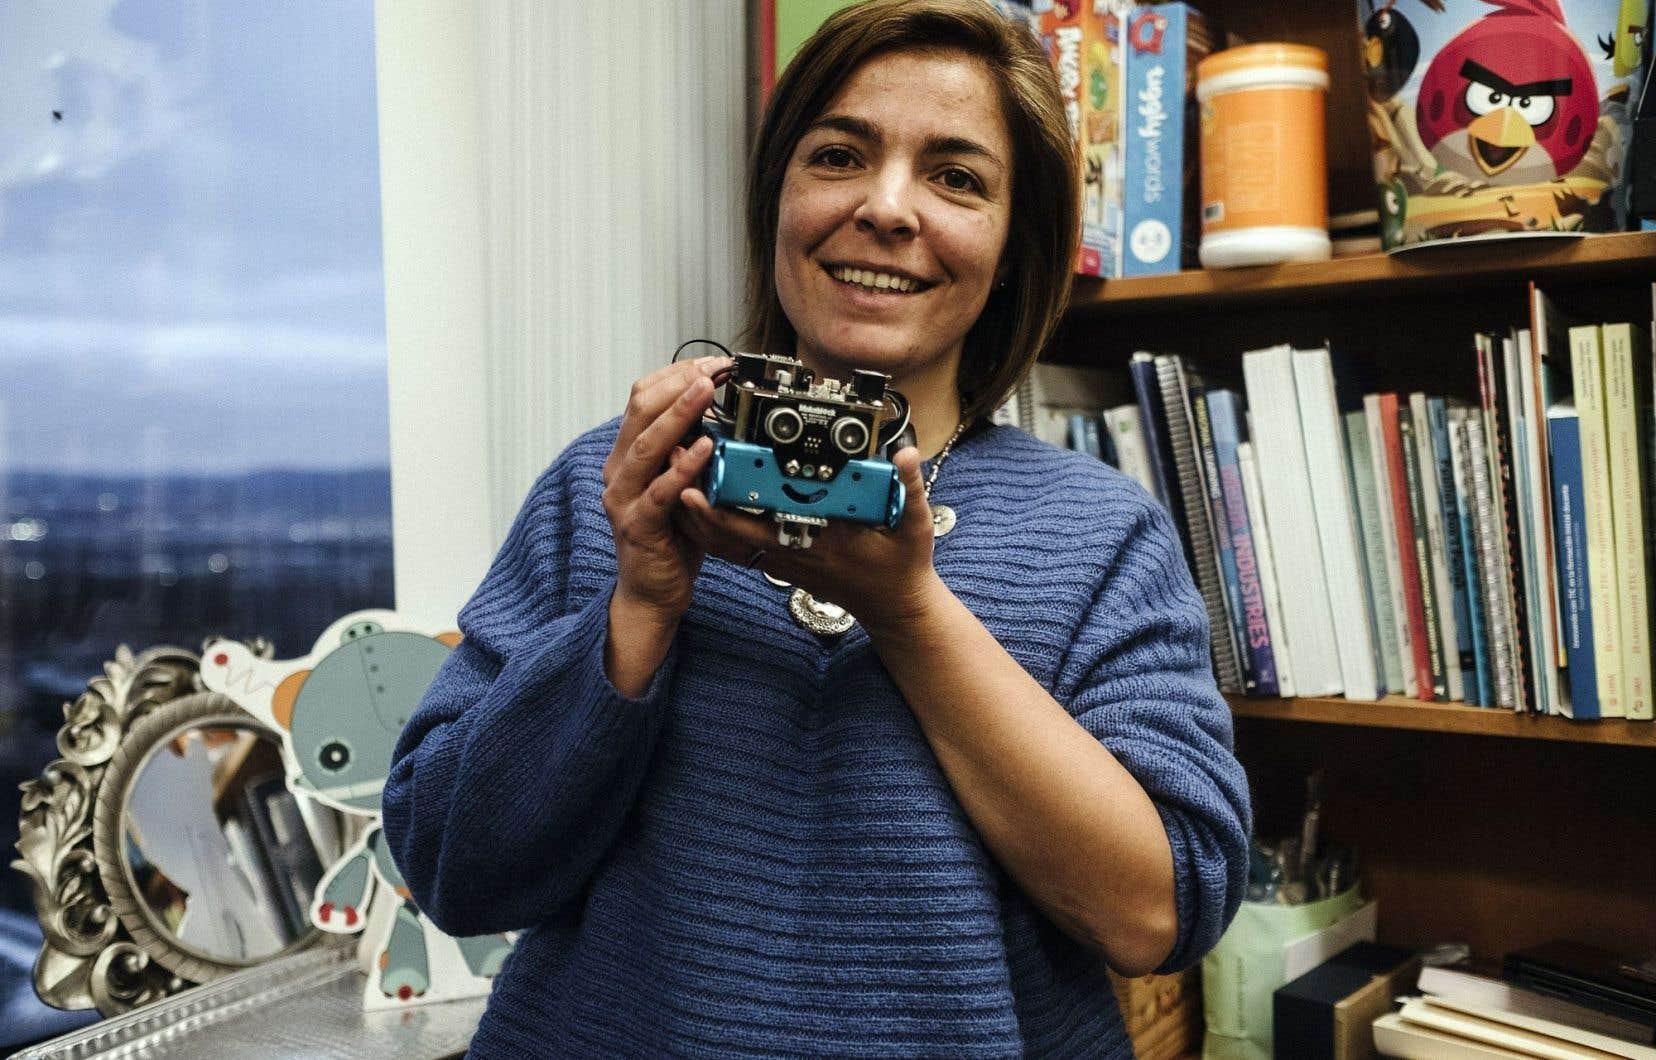 Margarida Romero souhaite favoriser l'innovation à l'école.